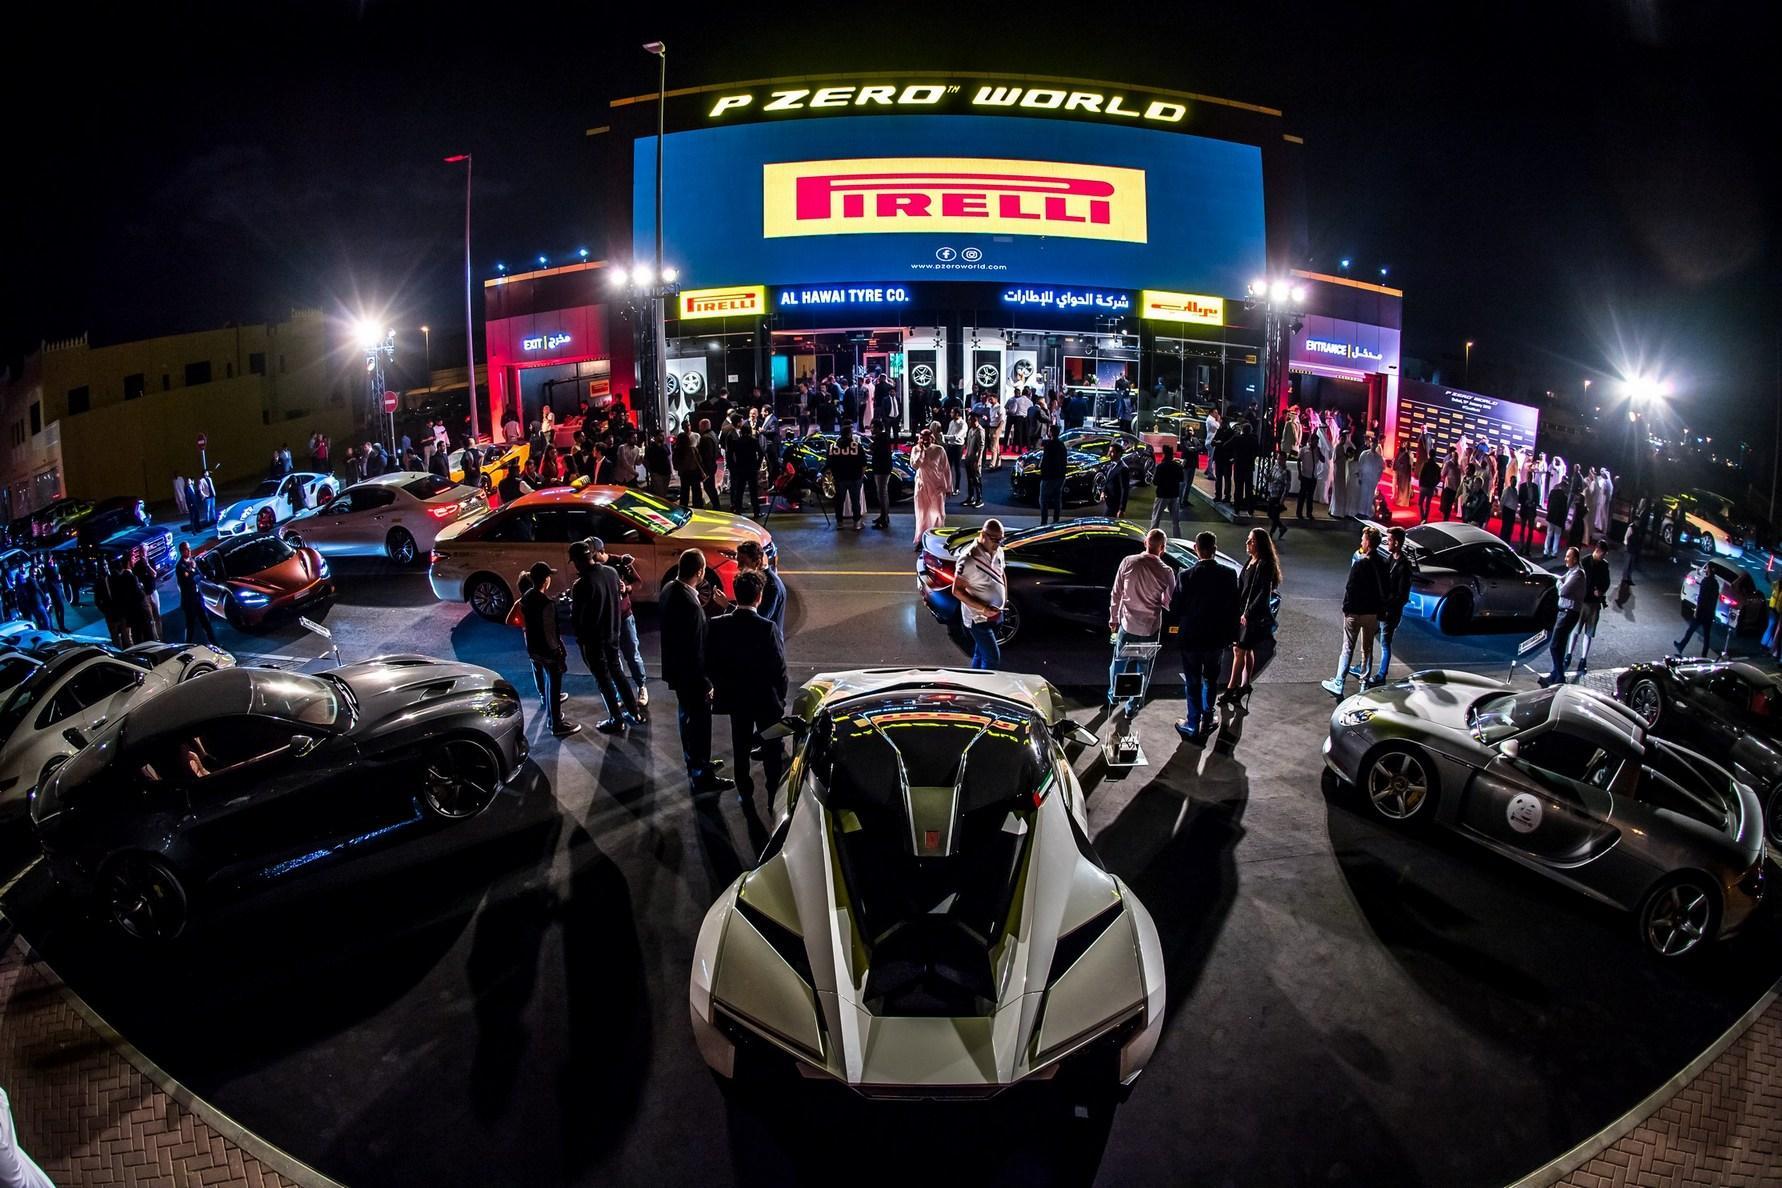 Пирелли открыла фирменный шинный бутик P Zero World в Дубае